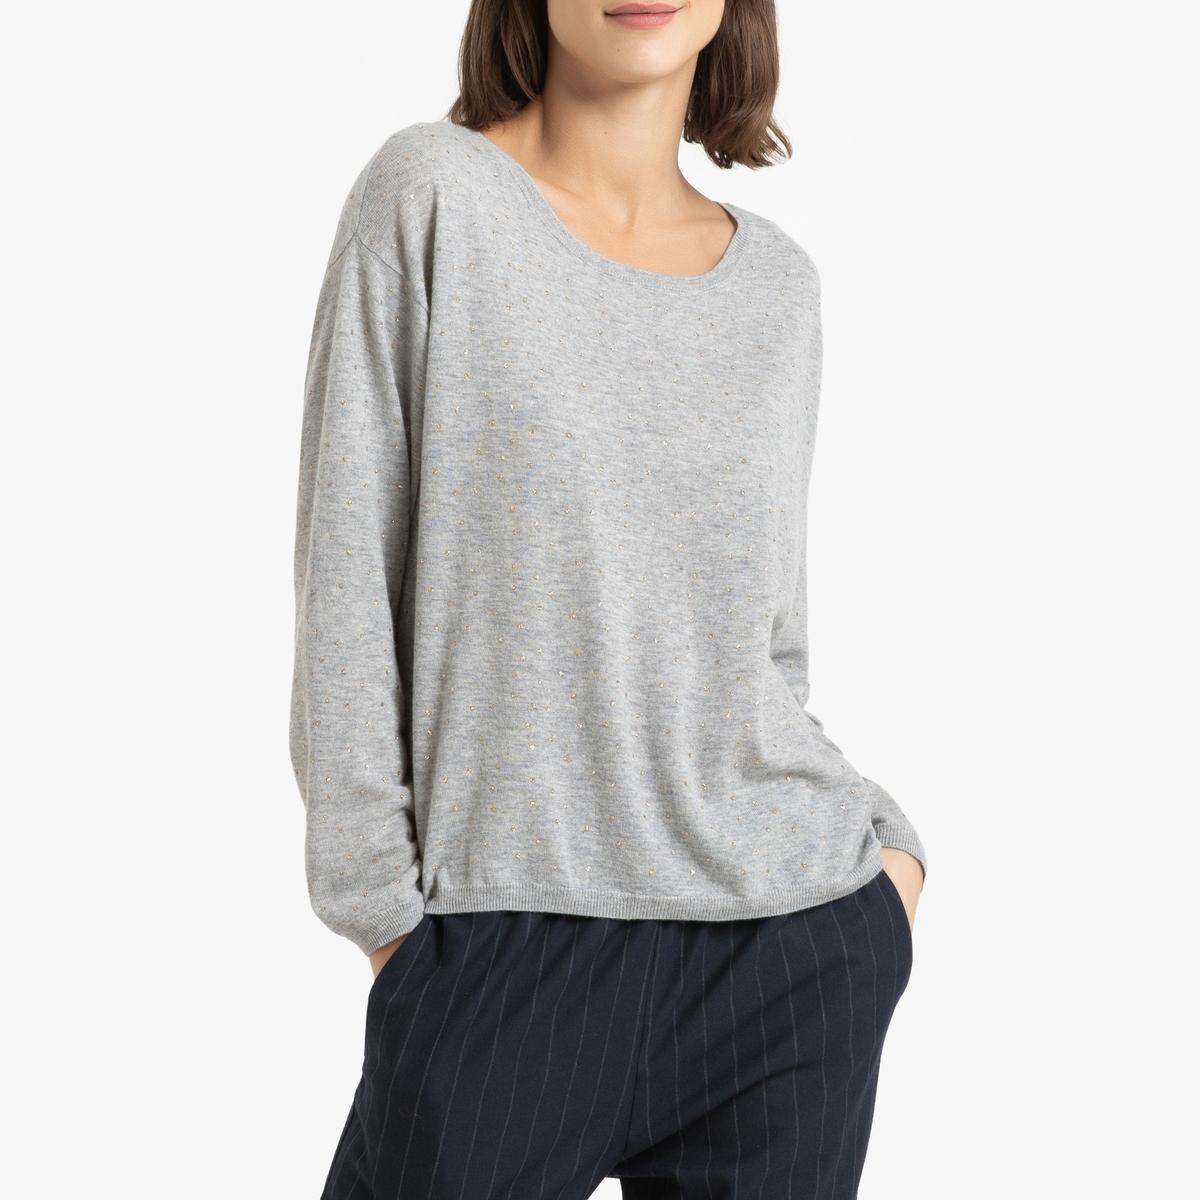 Пуловер La Redoute Из тонкого трикотажа из шерсти и кашемира BERNON 2(M) серый ic men коричневый пуловер из кашемира